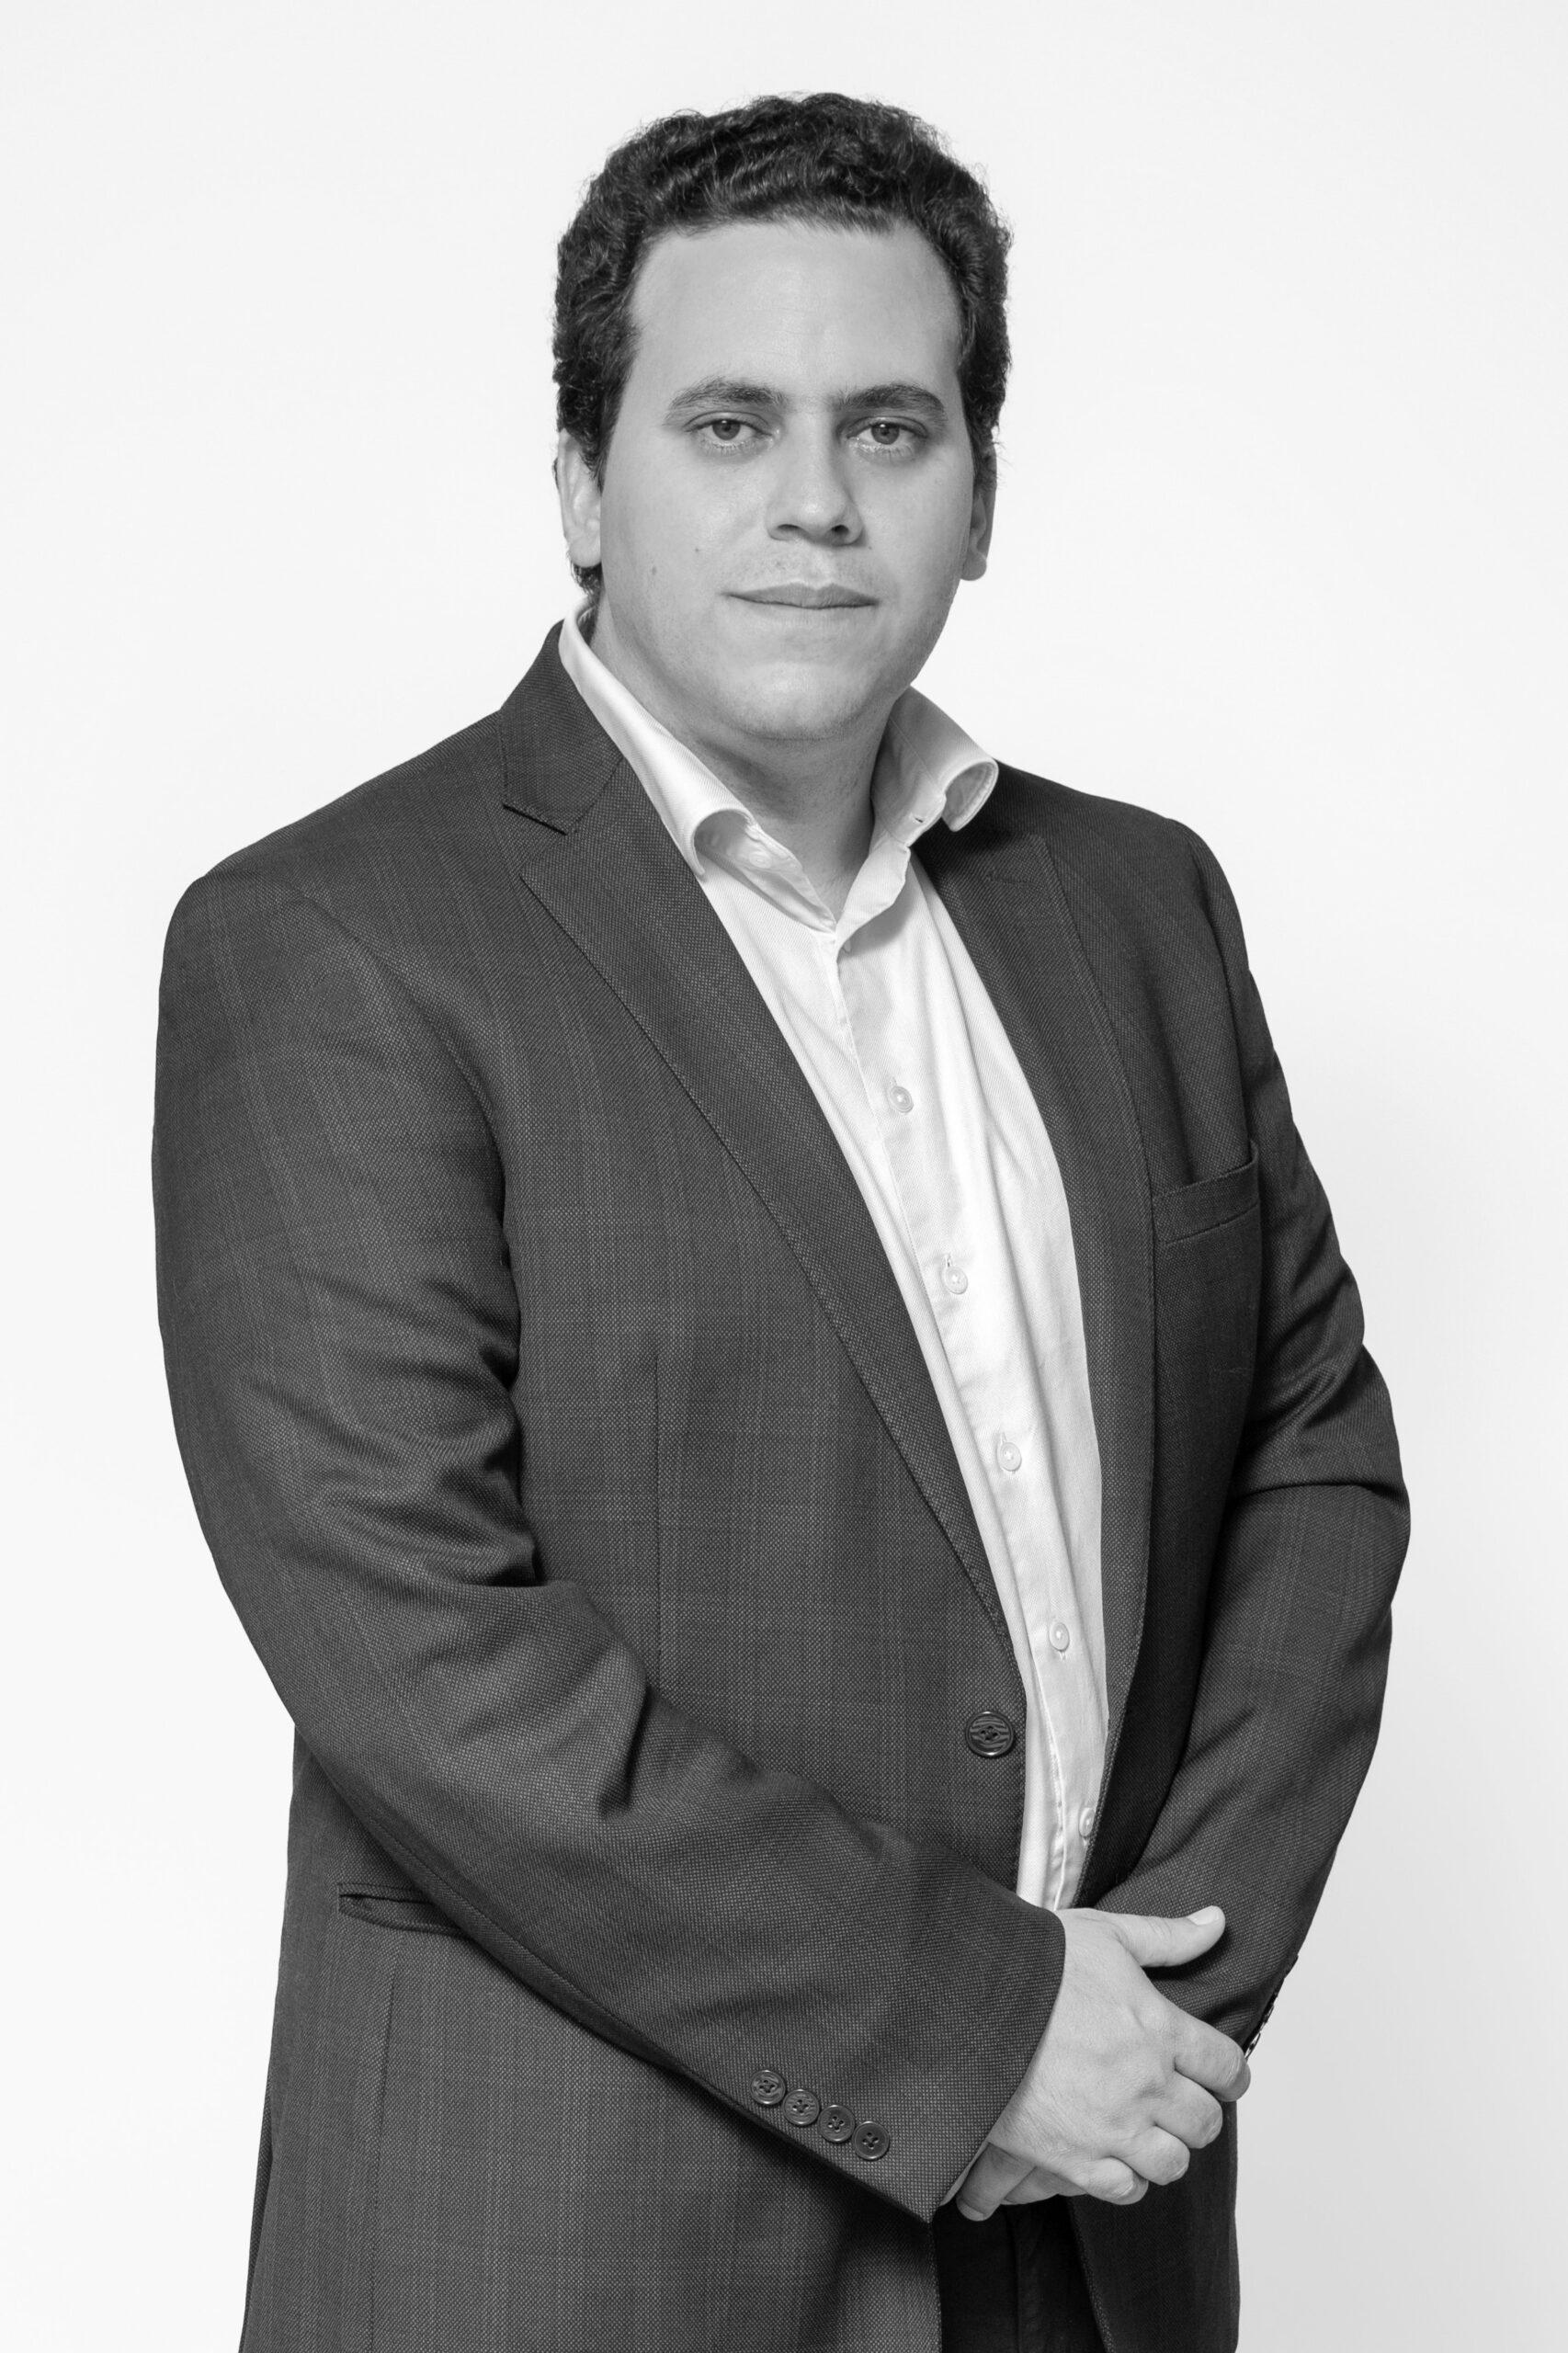 Jaime_Mayagoitia, Director de Finanzas